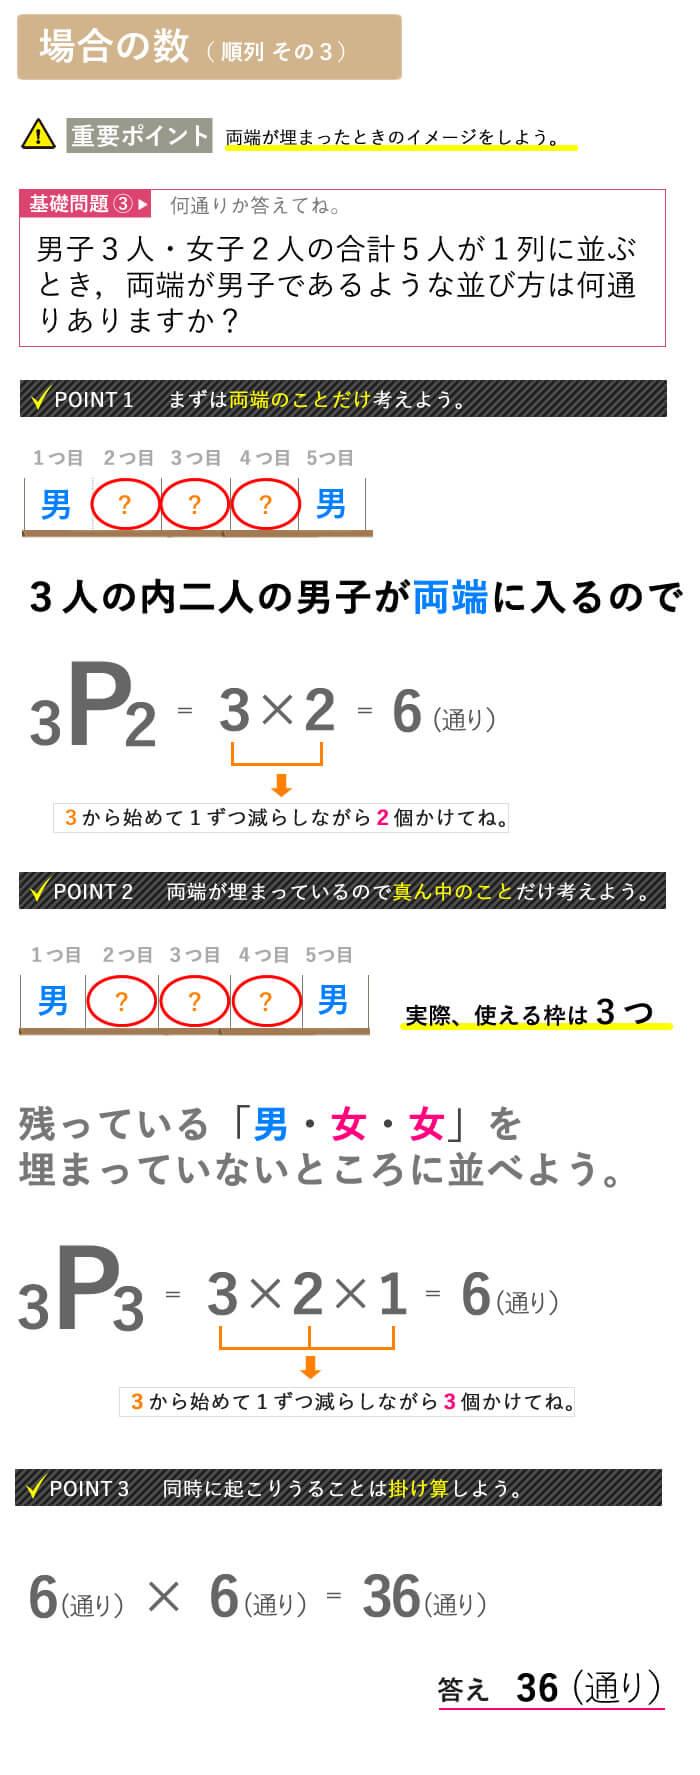 看護予備校大阪KAZアカデミーの場合の数、【順列の説明その3】画像